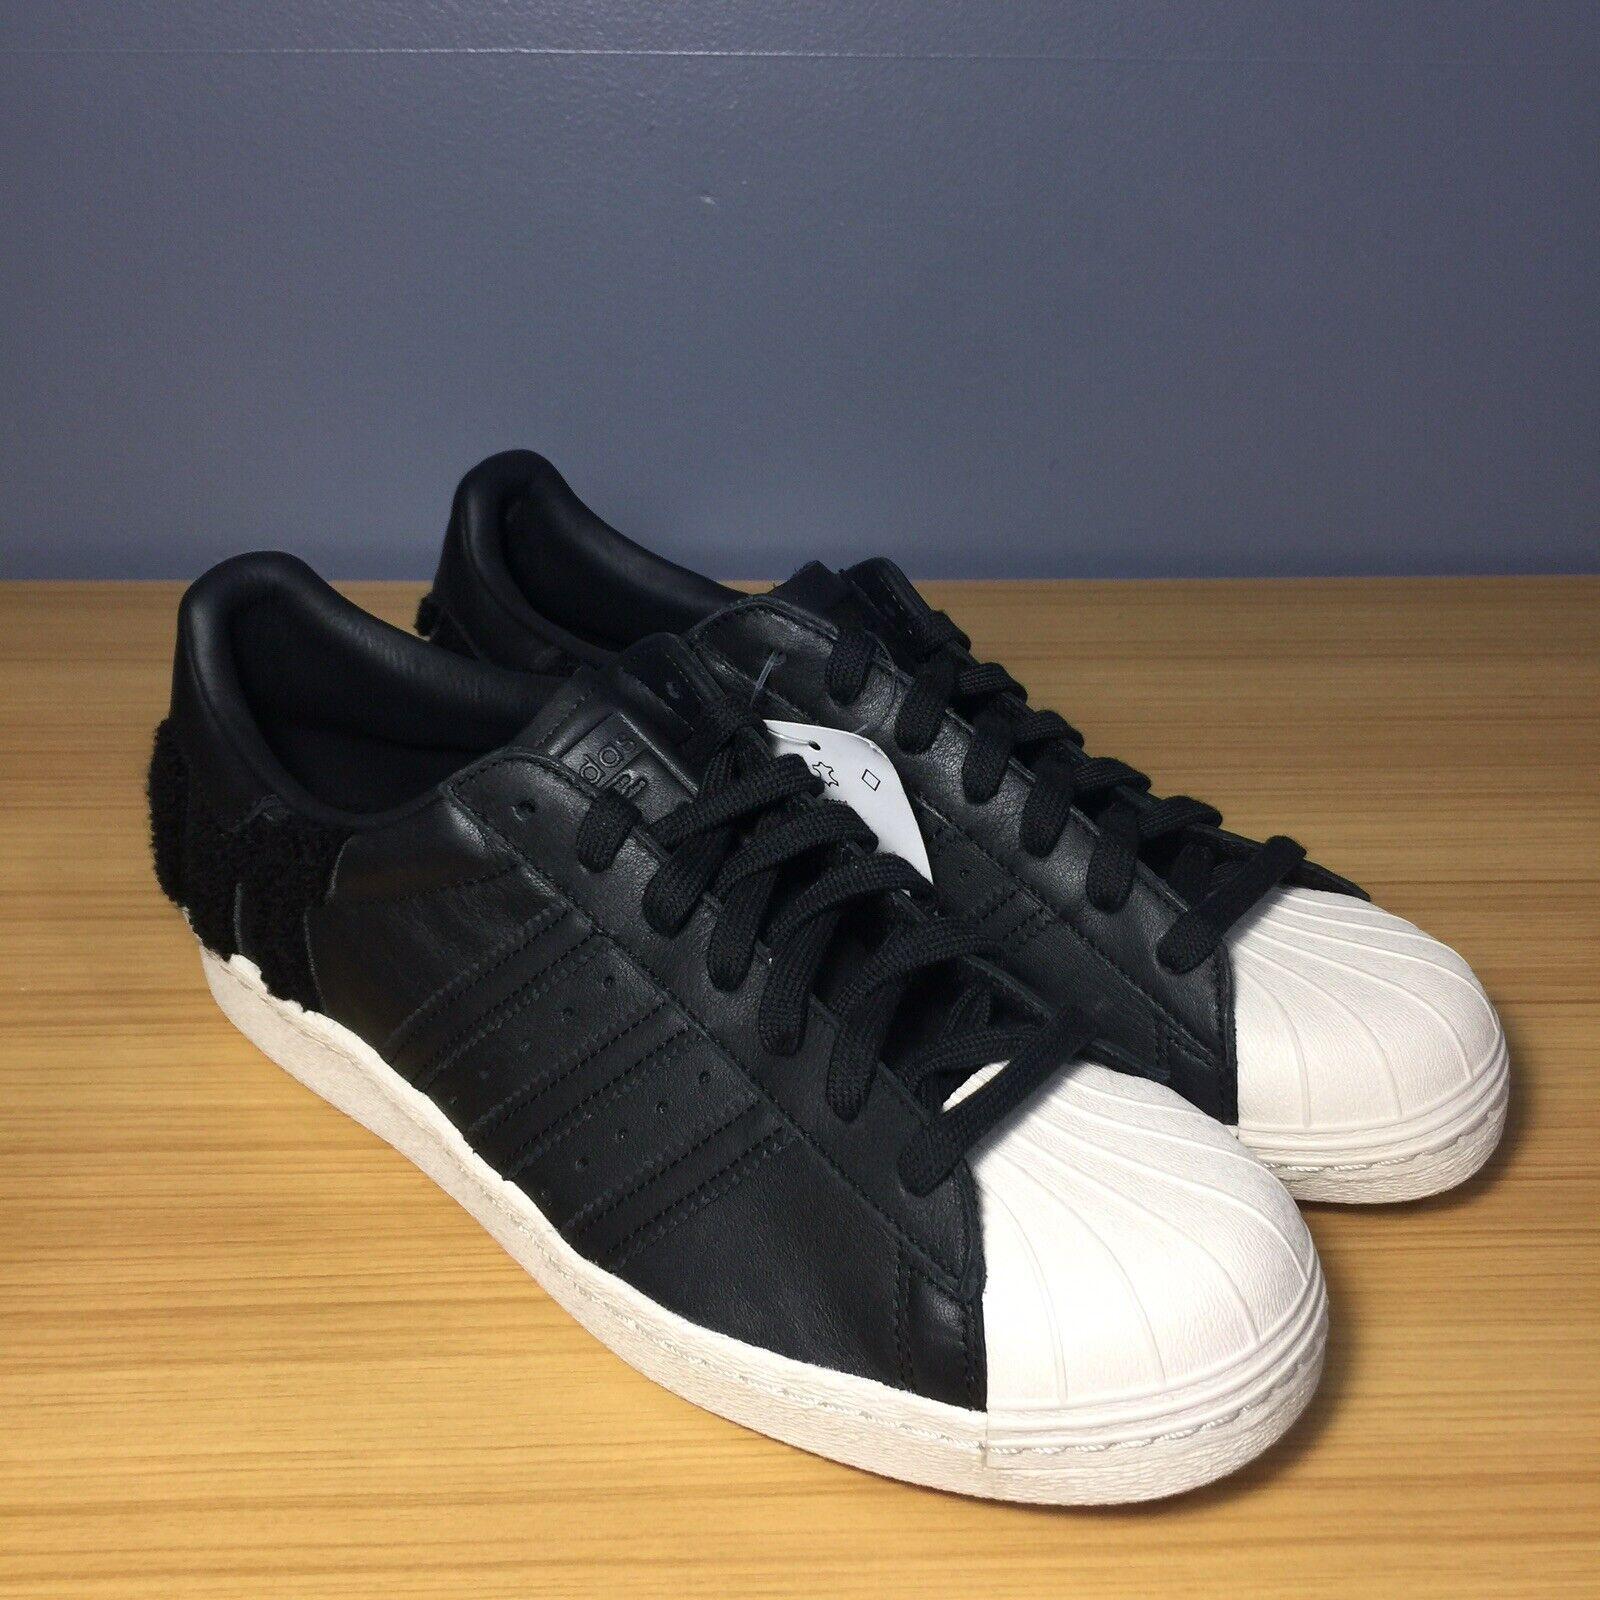 Adidas Originals Superstar  80 Core nero bianca AQ08883, Men's 10.5 D  vendita di fama mondiale online